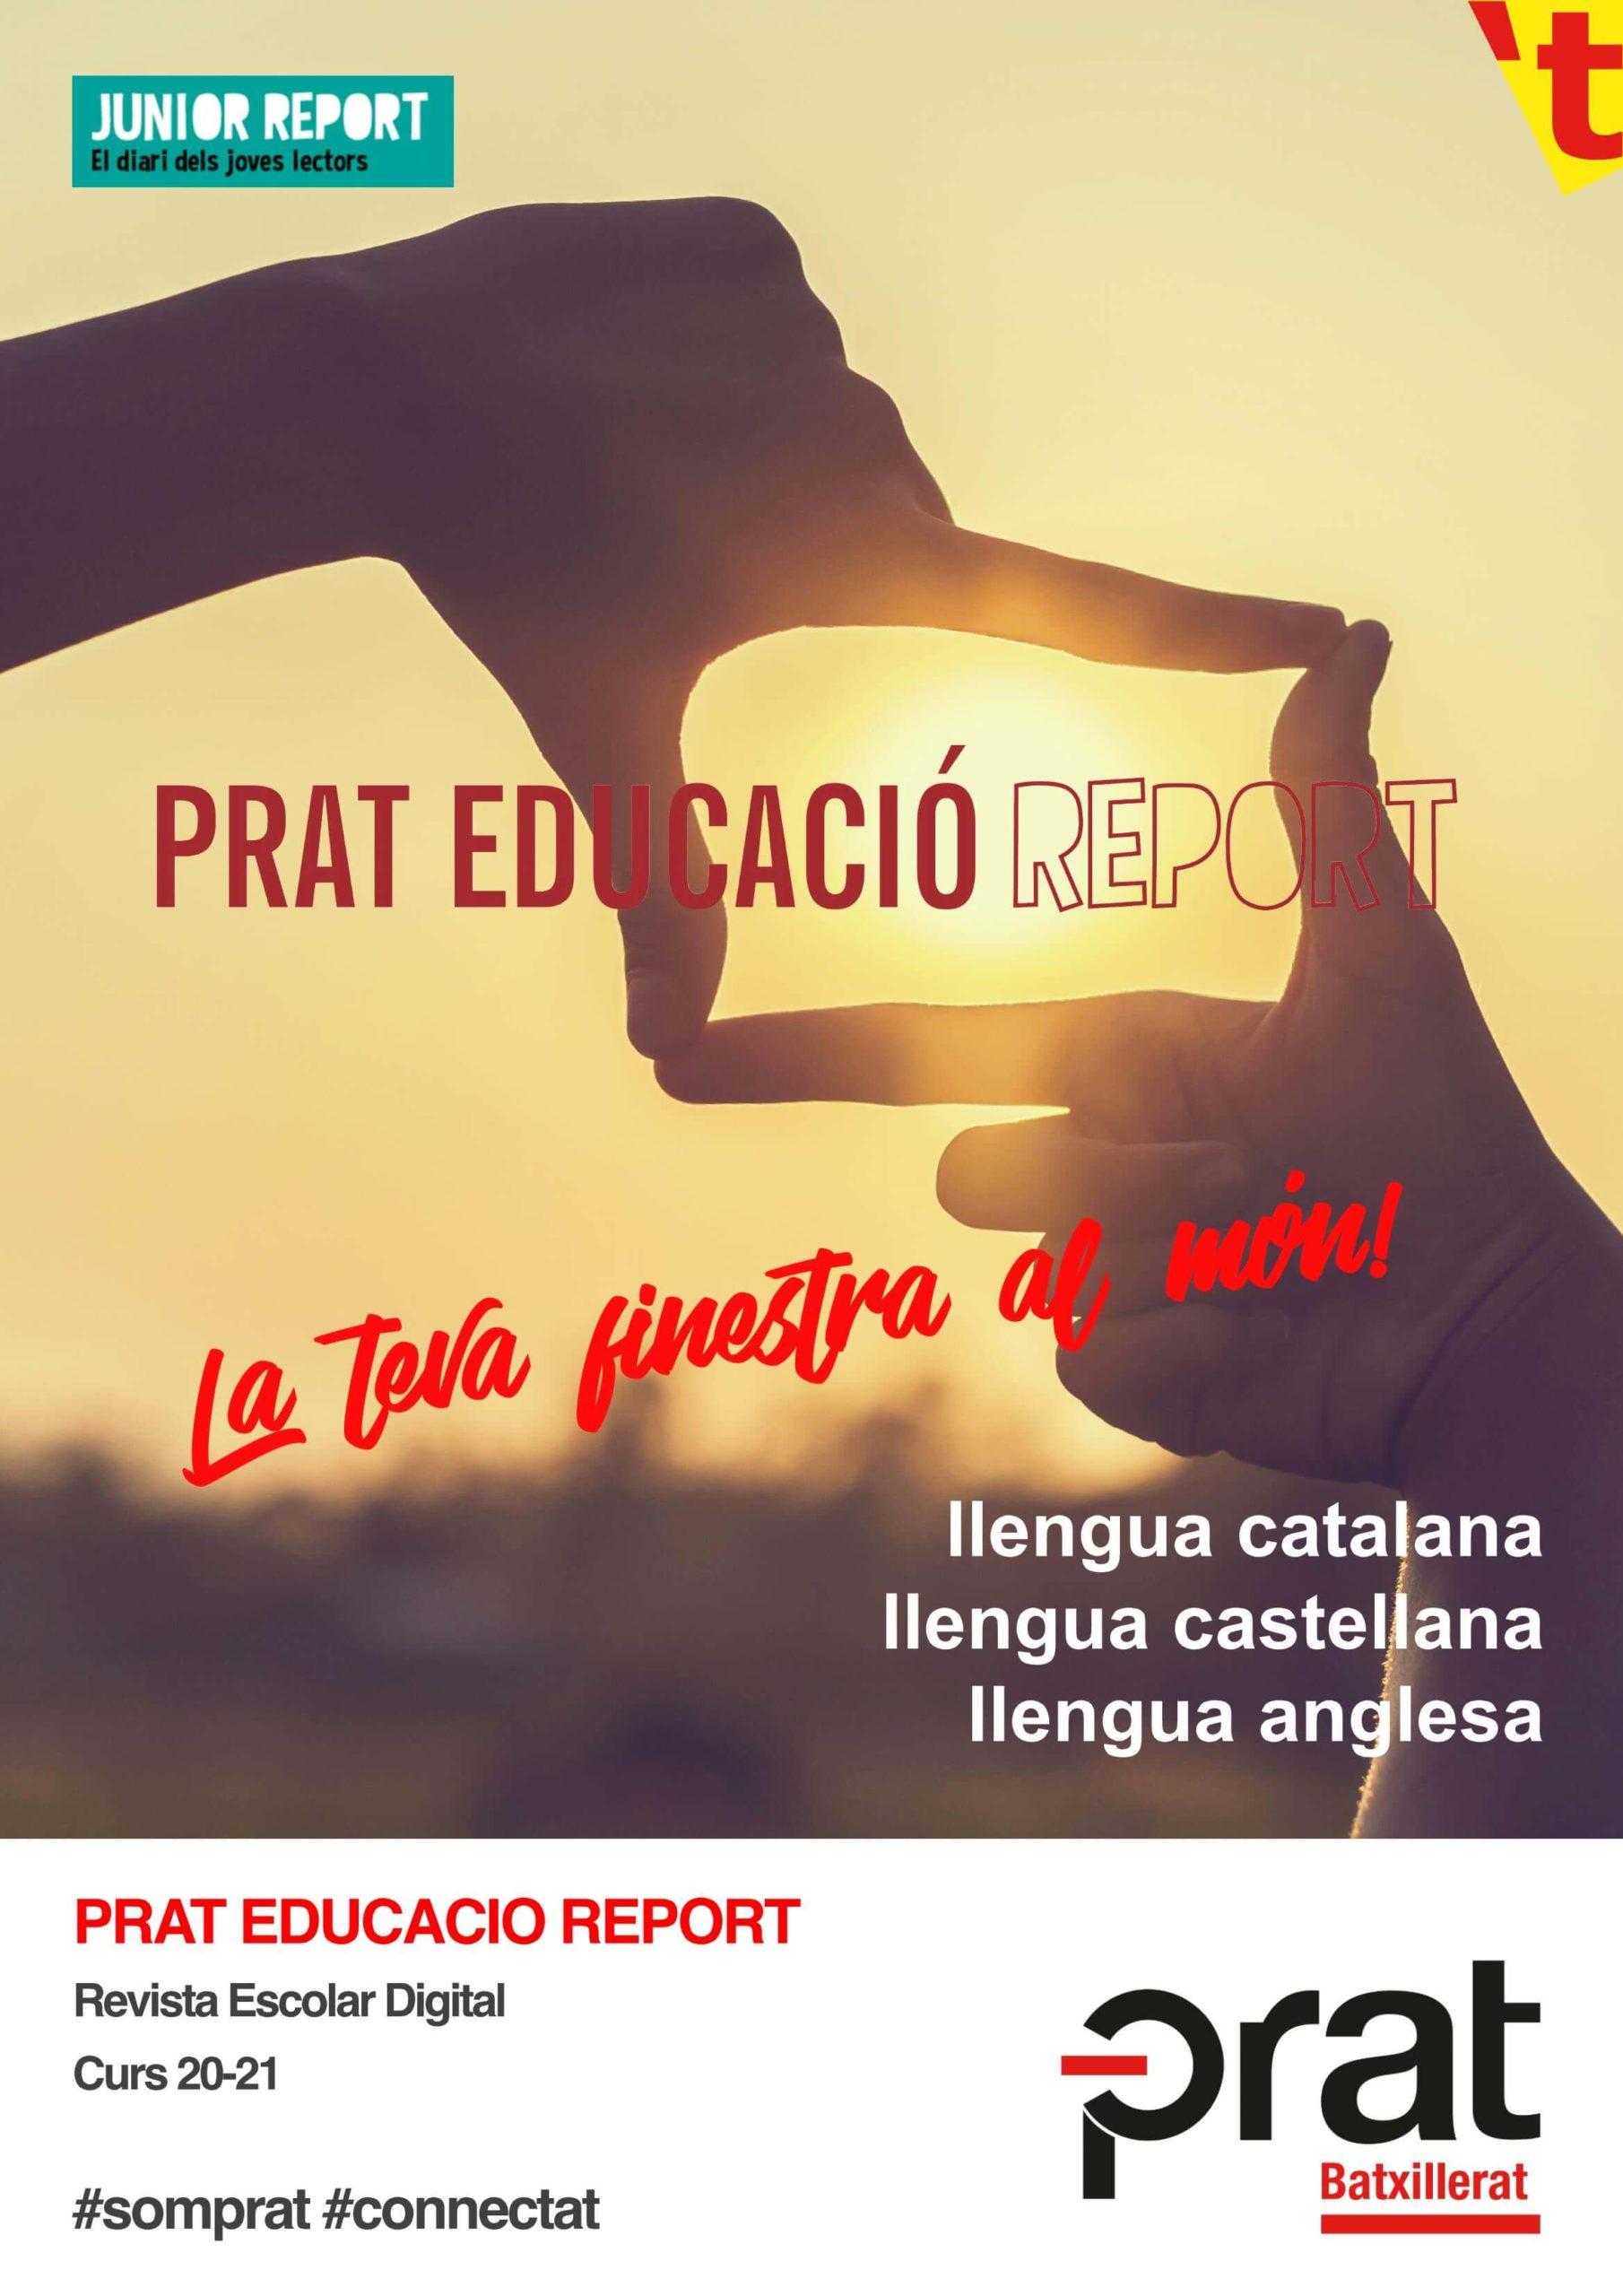 Prat Educació Report: Revista Escolar Digital